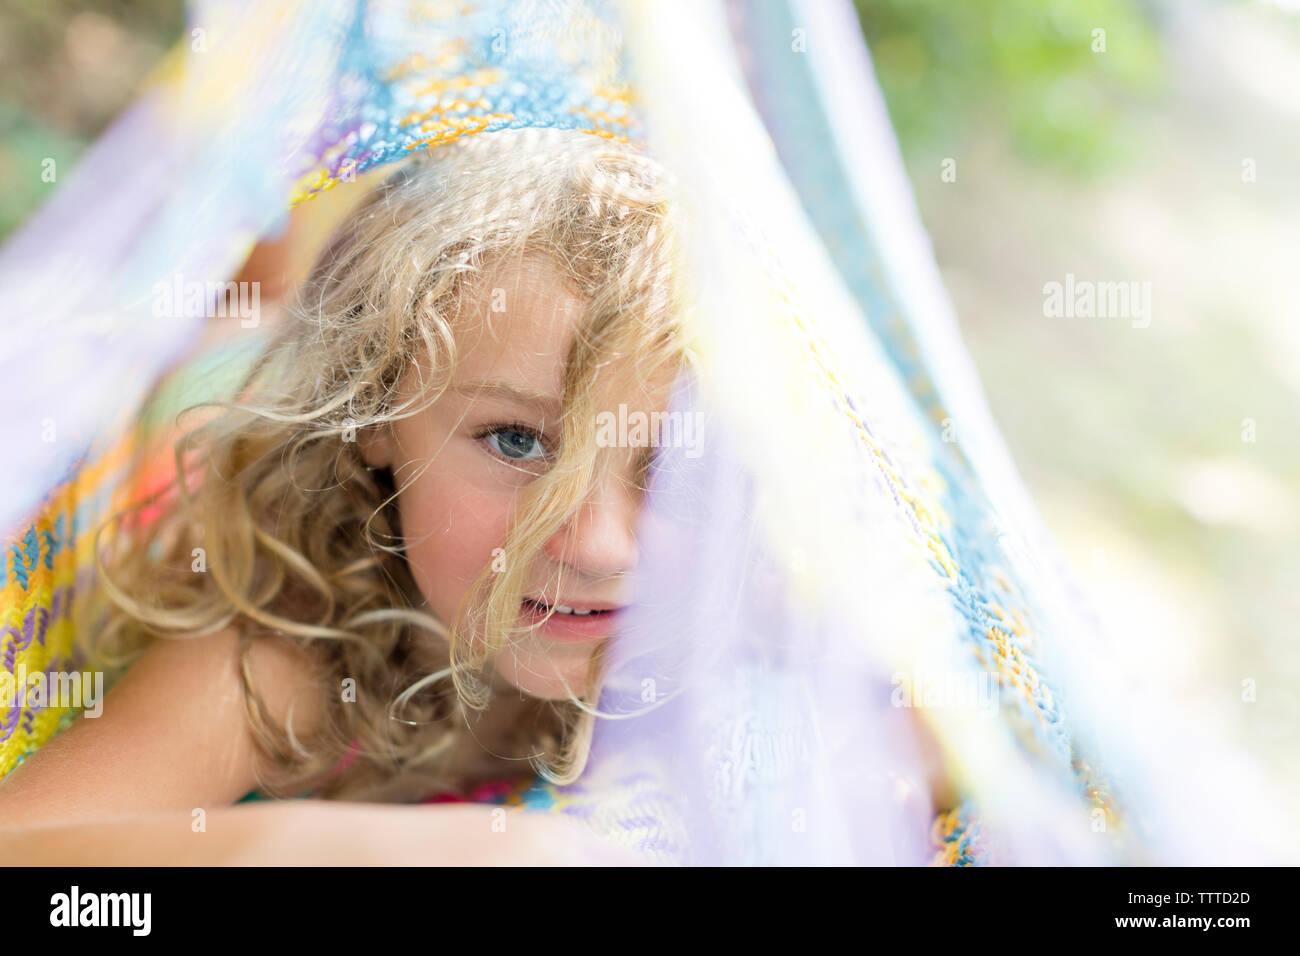 Ragazza giovane godendo di estate con i capelli in spiaggia Foto Stock